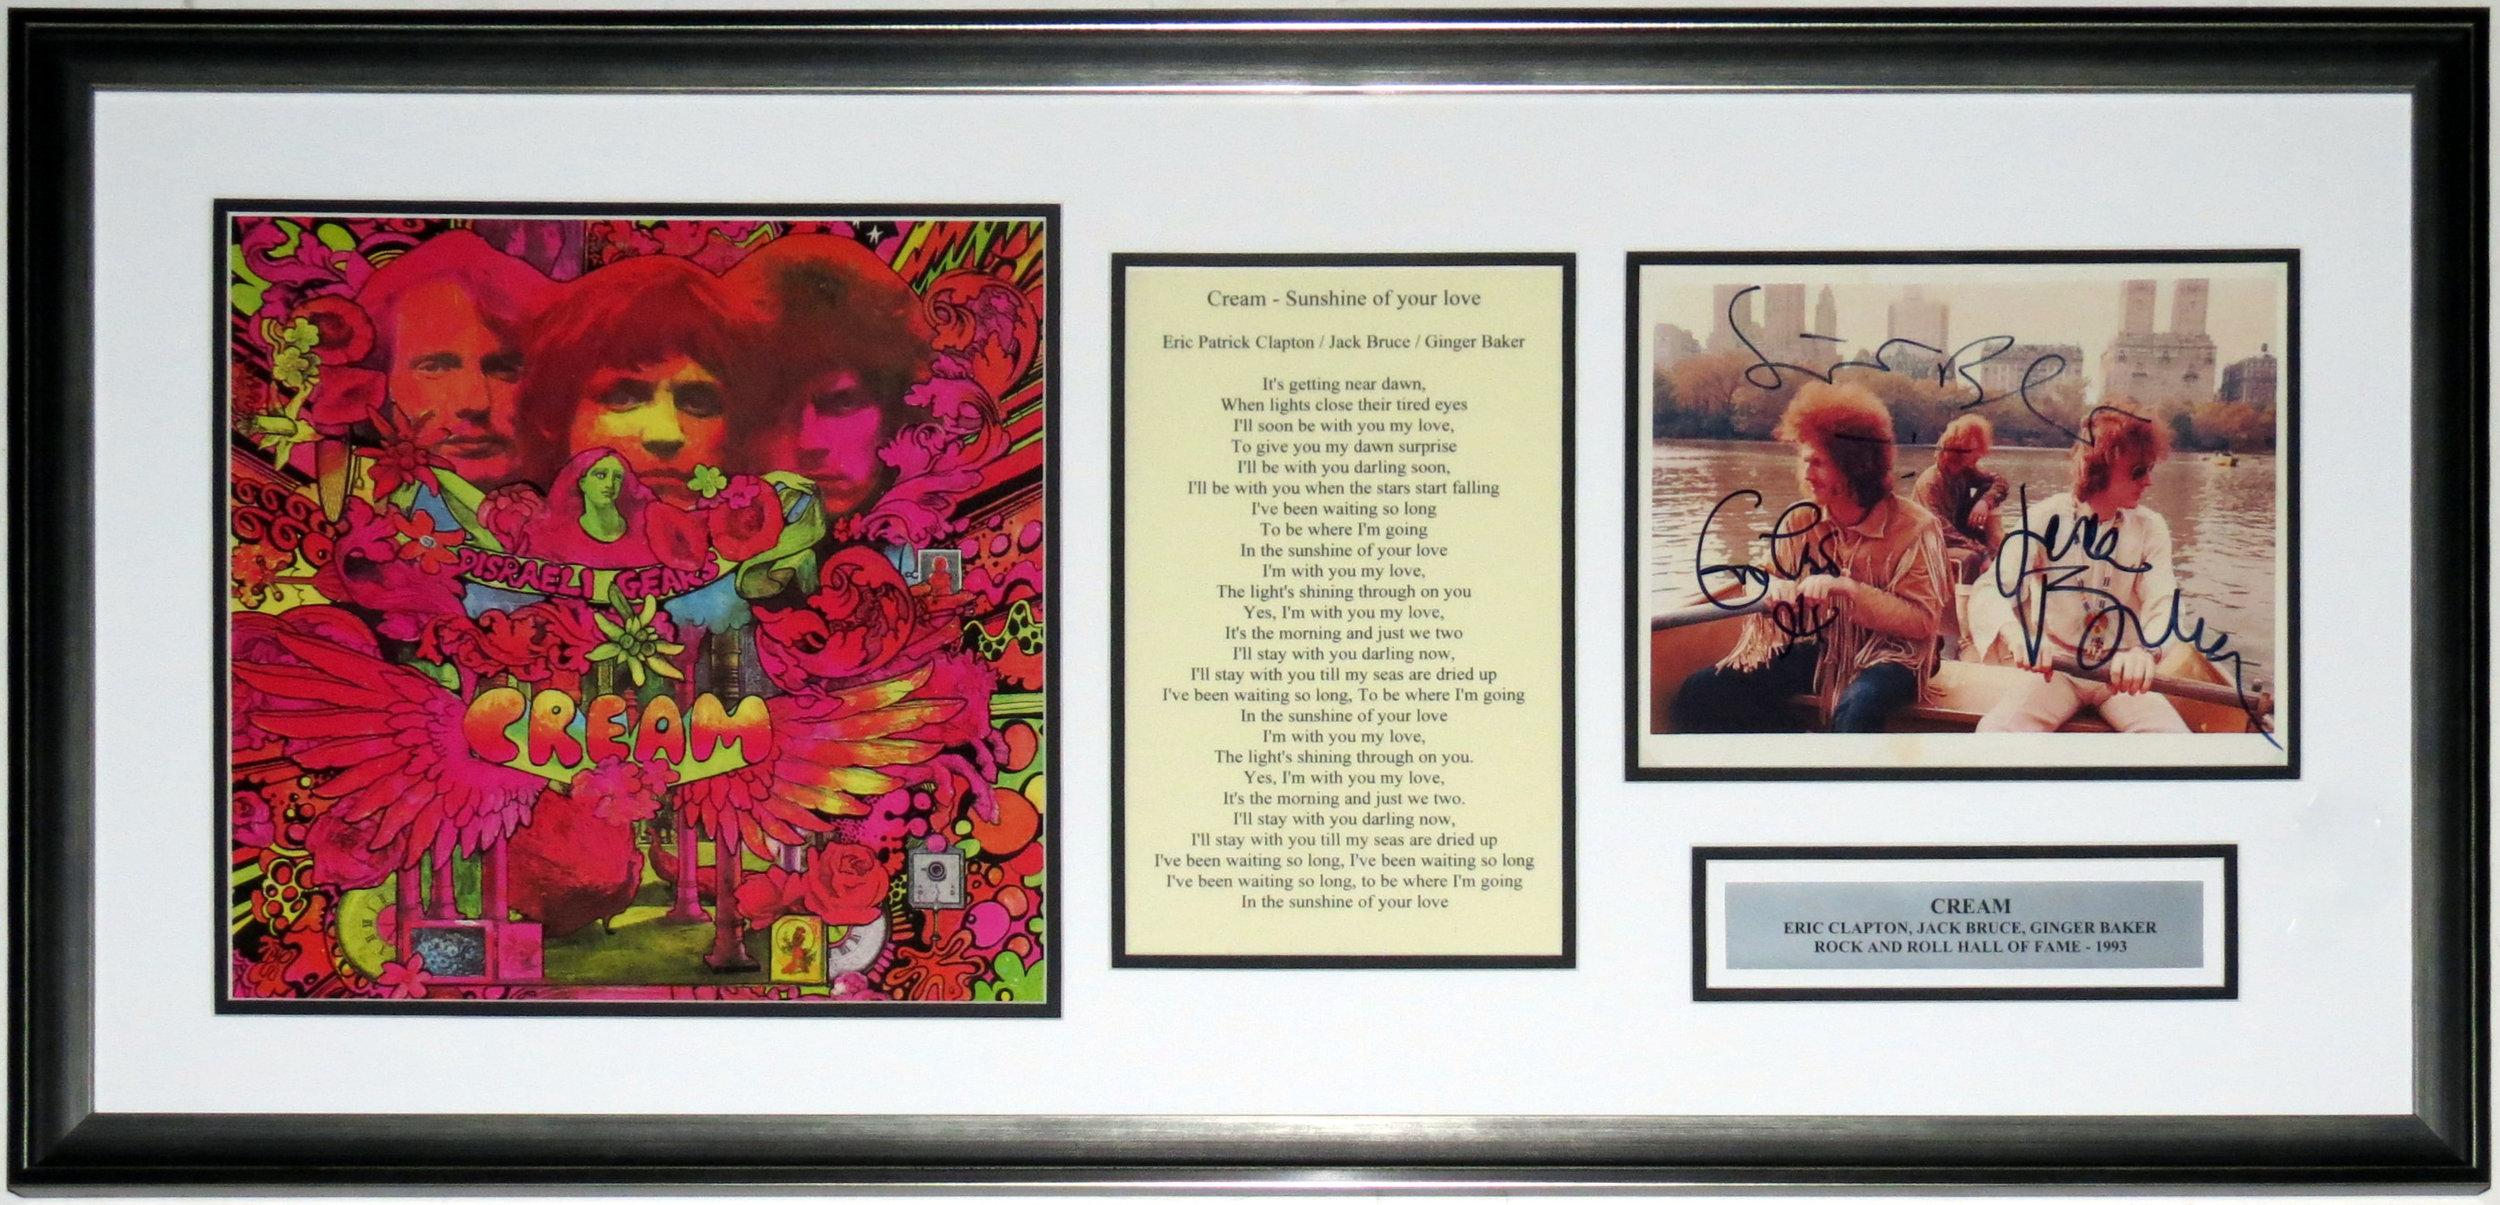 Eric Clapton Jack Bruce Ginger Baker Signed 8x10 Photo - JSA COA Authenticated - Professionally Framed & Disraeli Gears Album & Lyrics 38x18